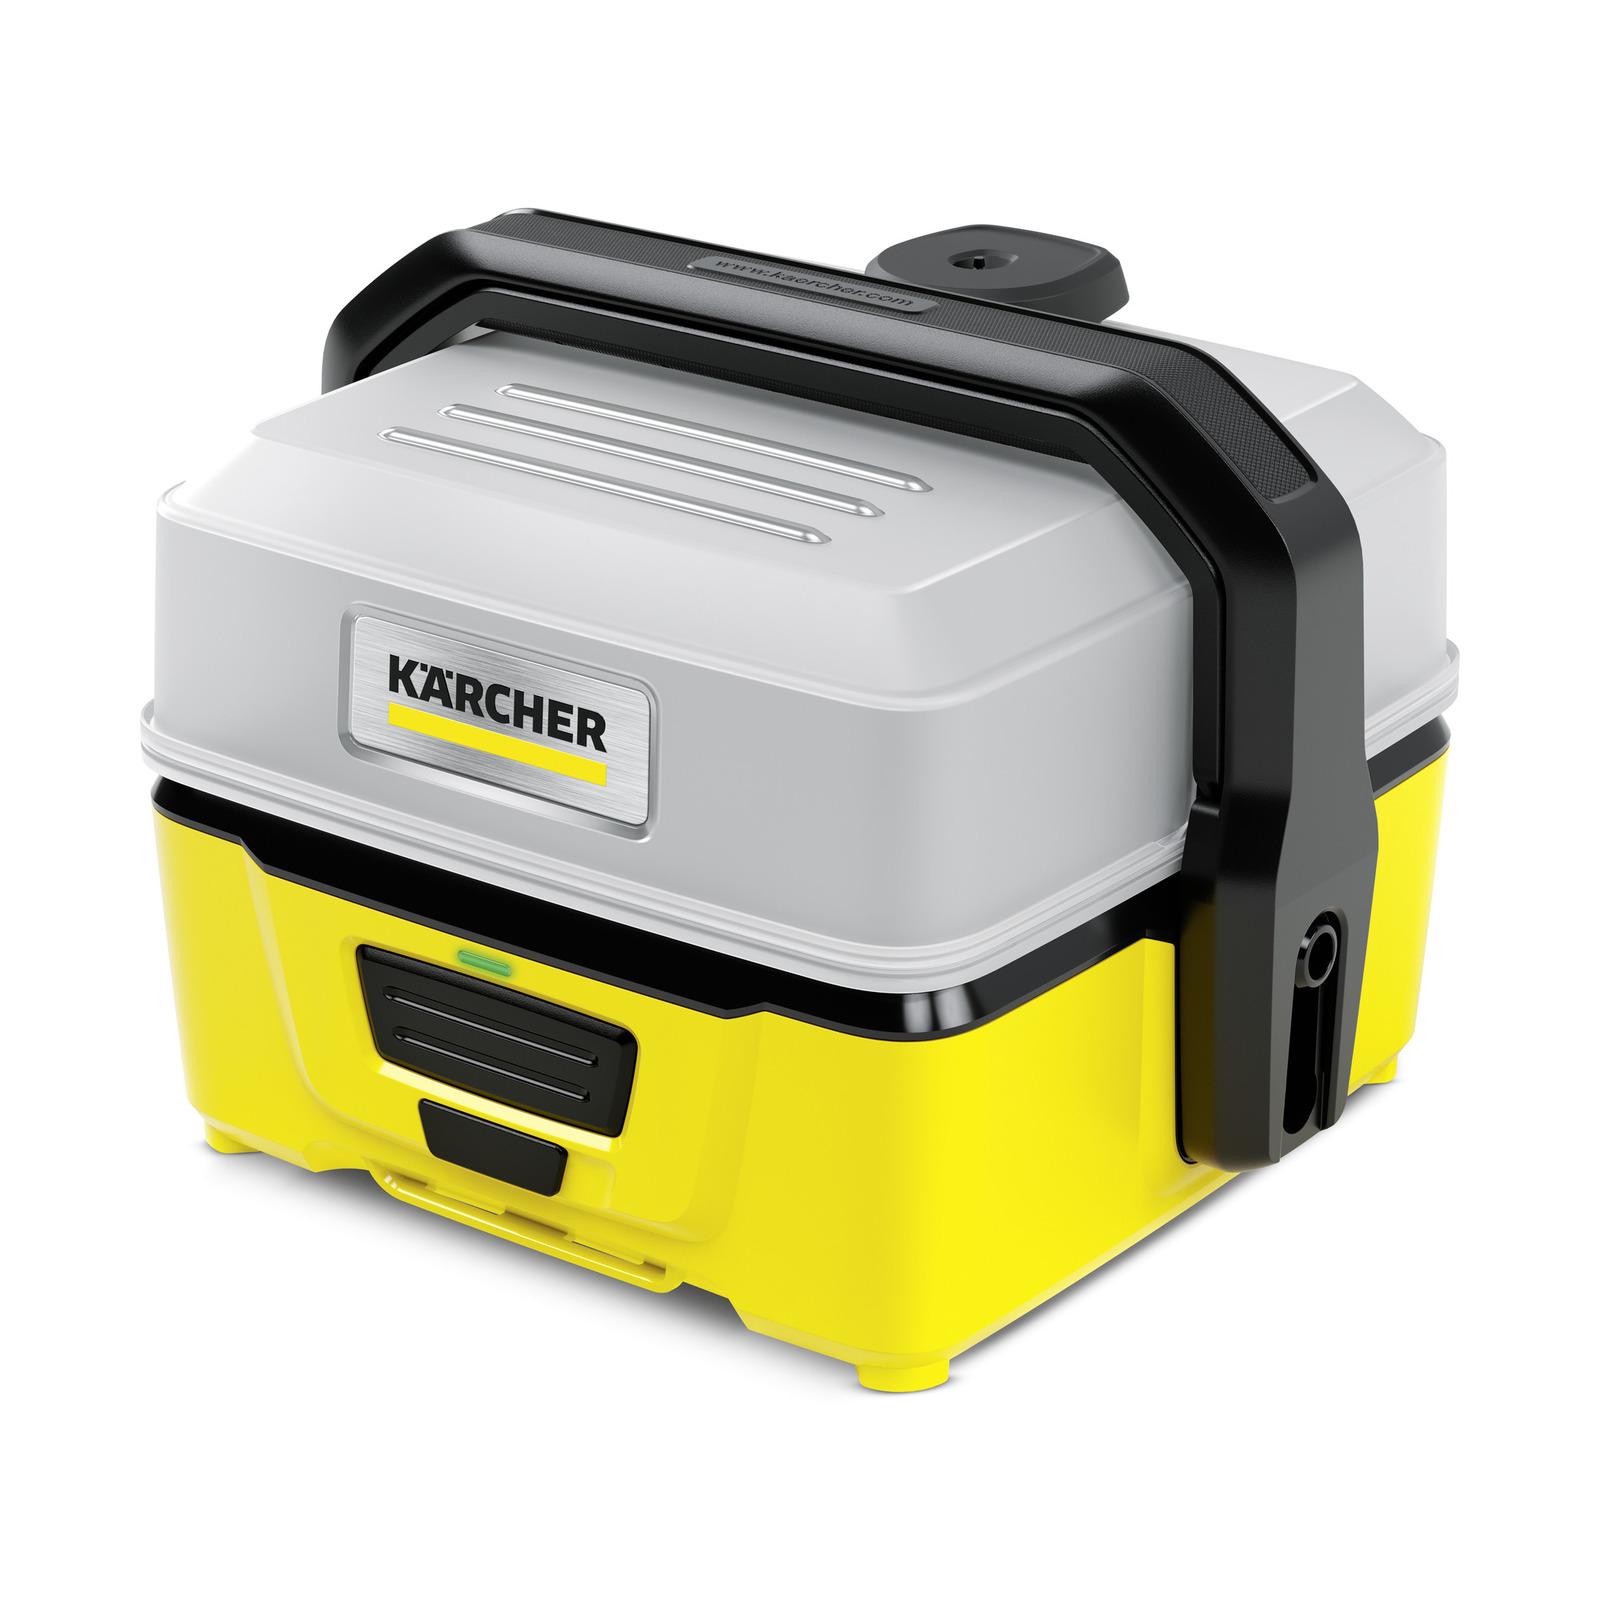 KARCHER 1.680-019.0 - OC3 Mobile Outdoor Cleaner